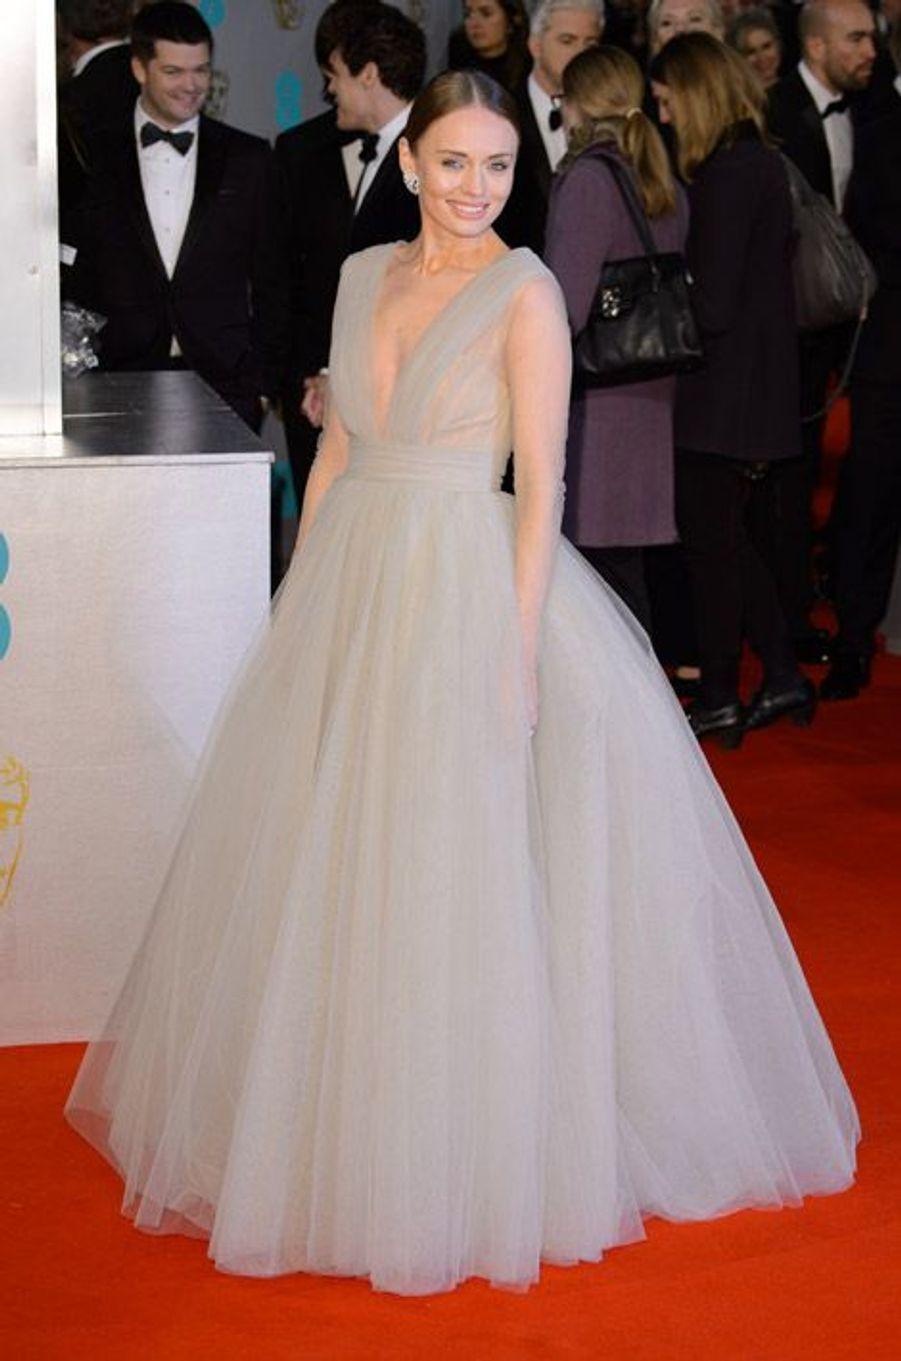 L'actrice Laura Haddock en Ashi Studio lors de la cérémonie des BAFTA le 8 février 2015